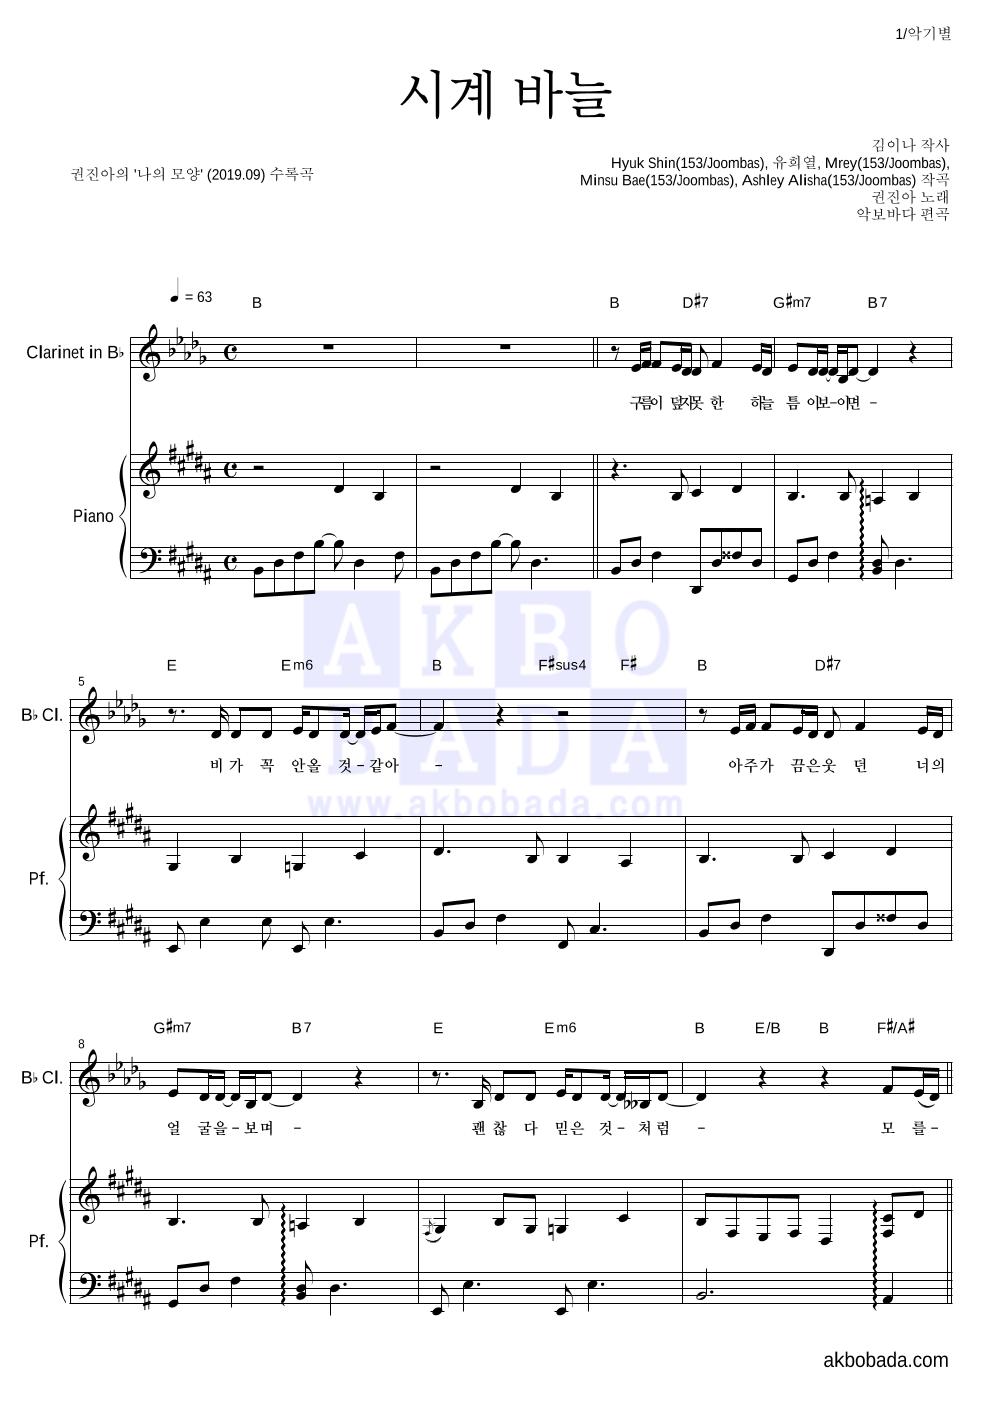 권진아 - 시계 바늘 클라리넷&피아노 악보